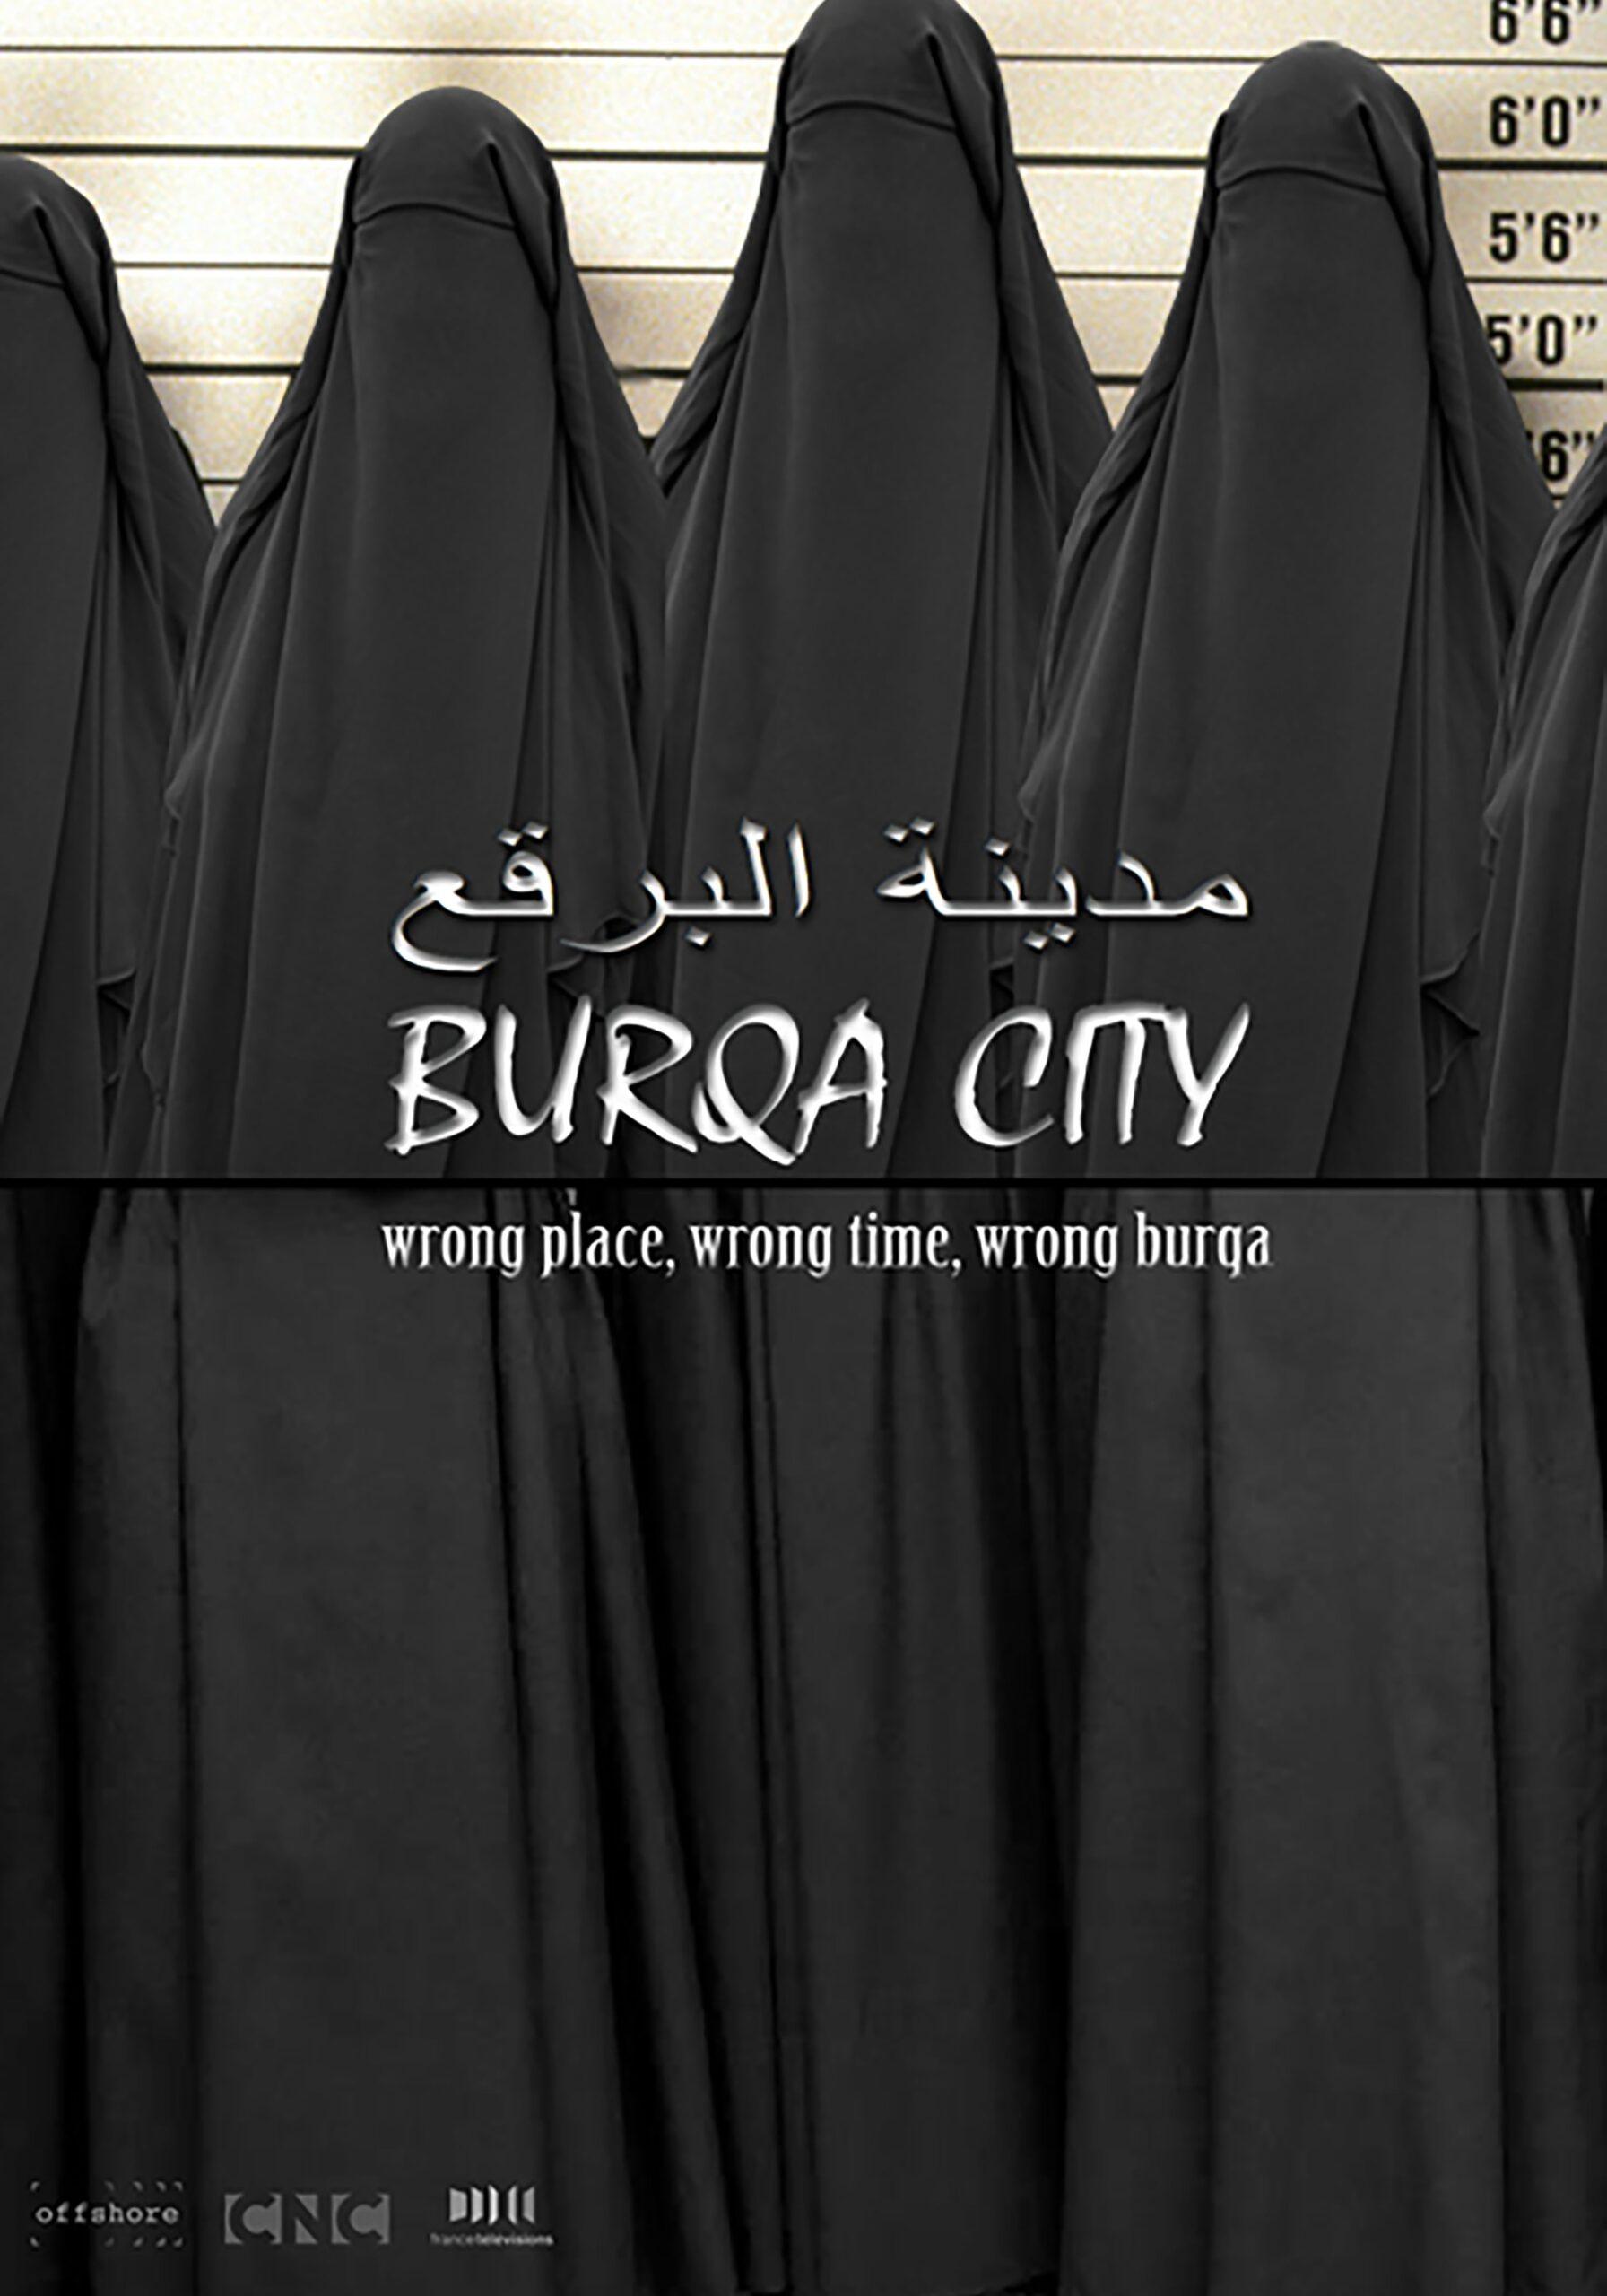 Burqa City